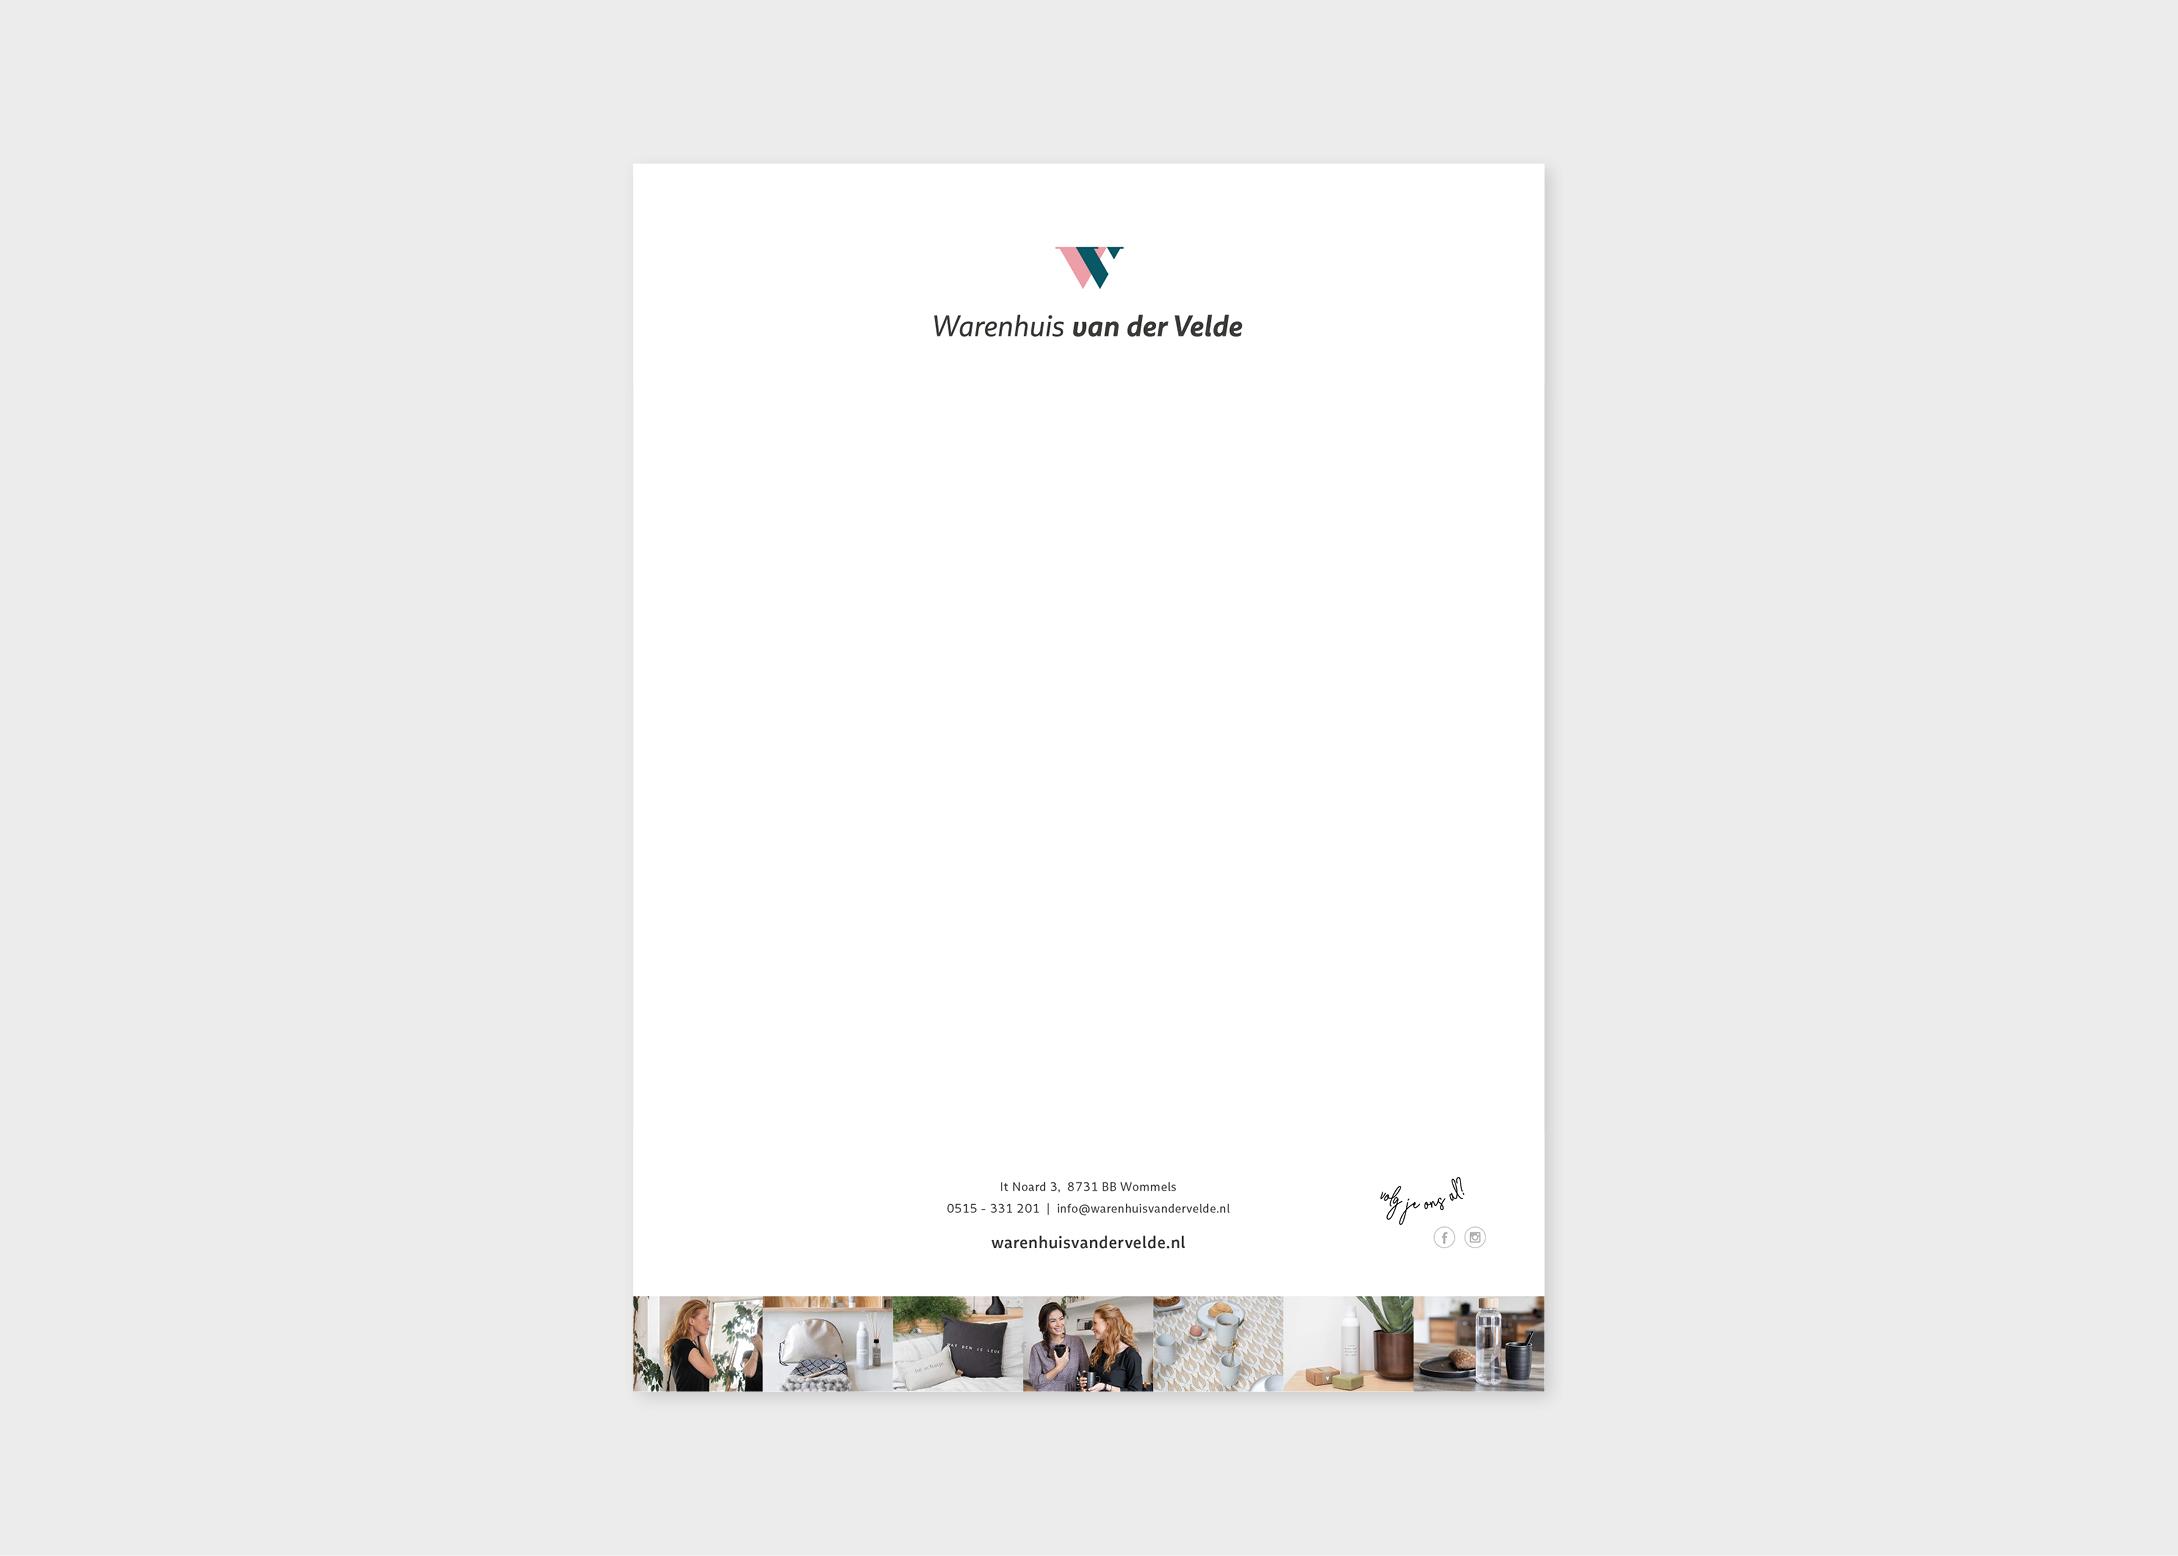 Briefpapier-ontwerp-digitaal-briefpapier-invulbaar-warenhuis-van-der-velde-banner-ontwerp-burowit-reclamebureau-kampen-thirza-bakker